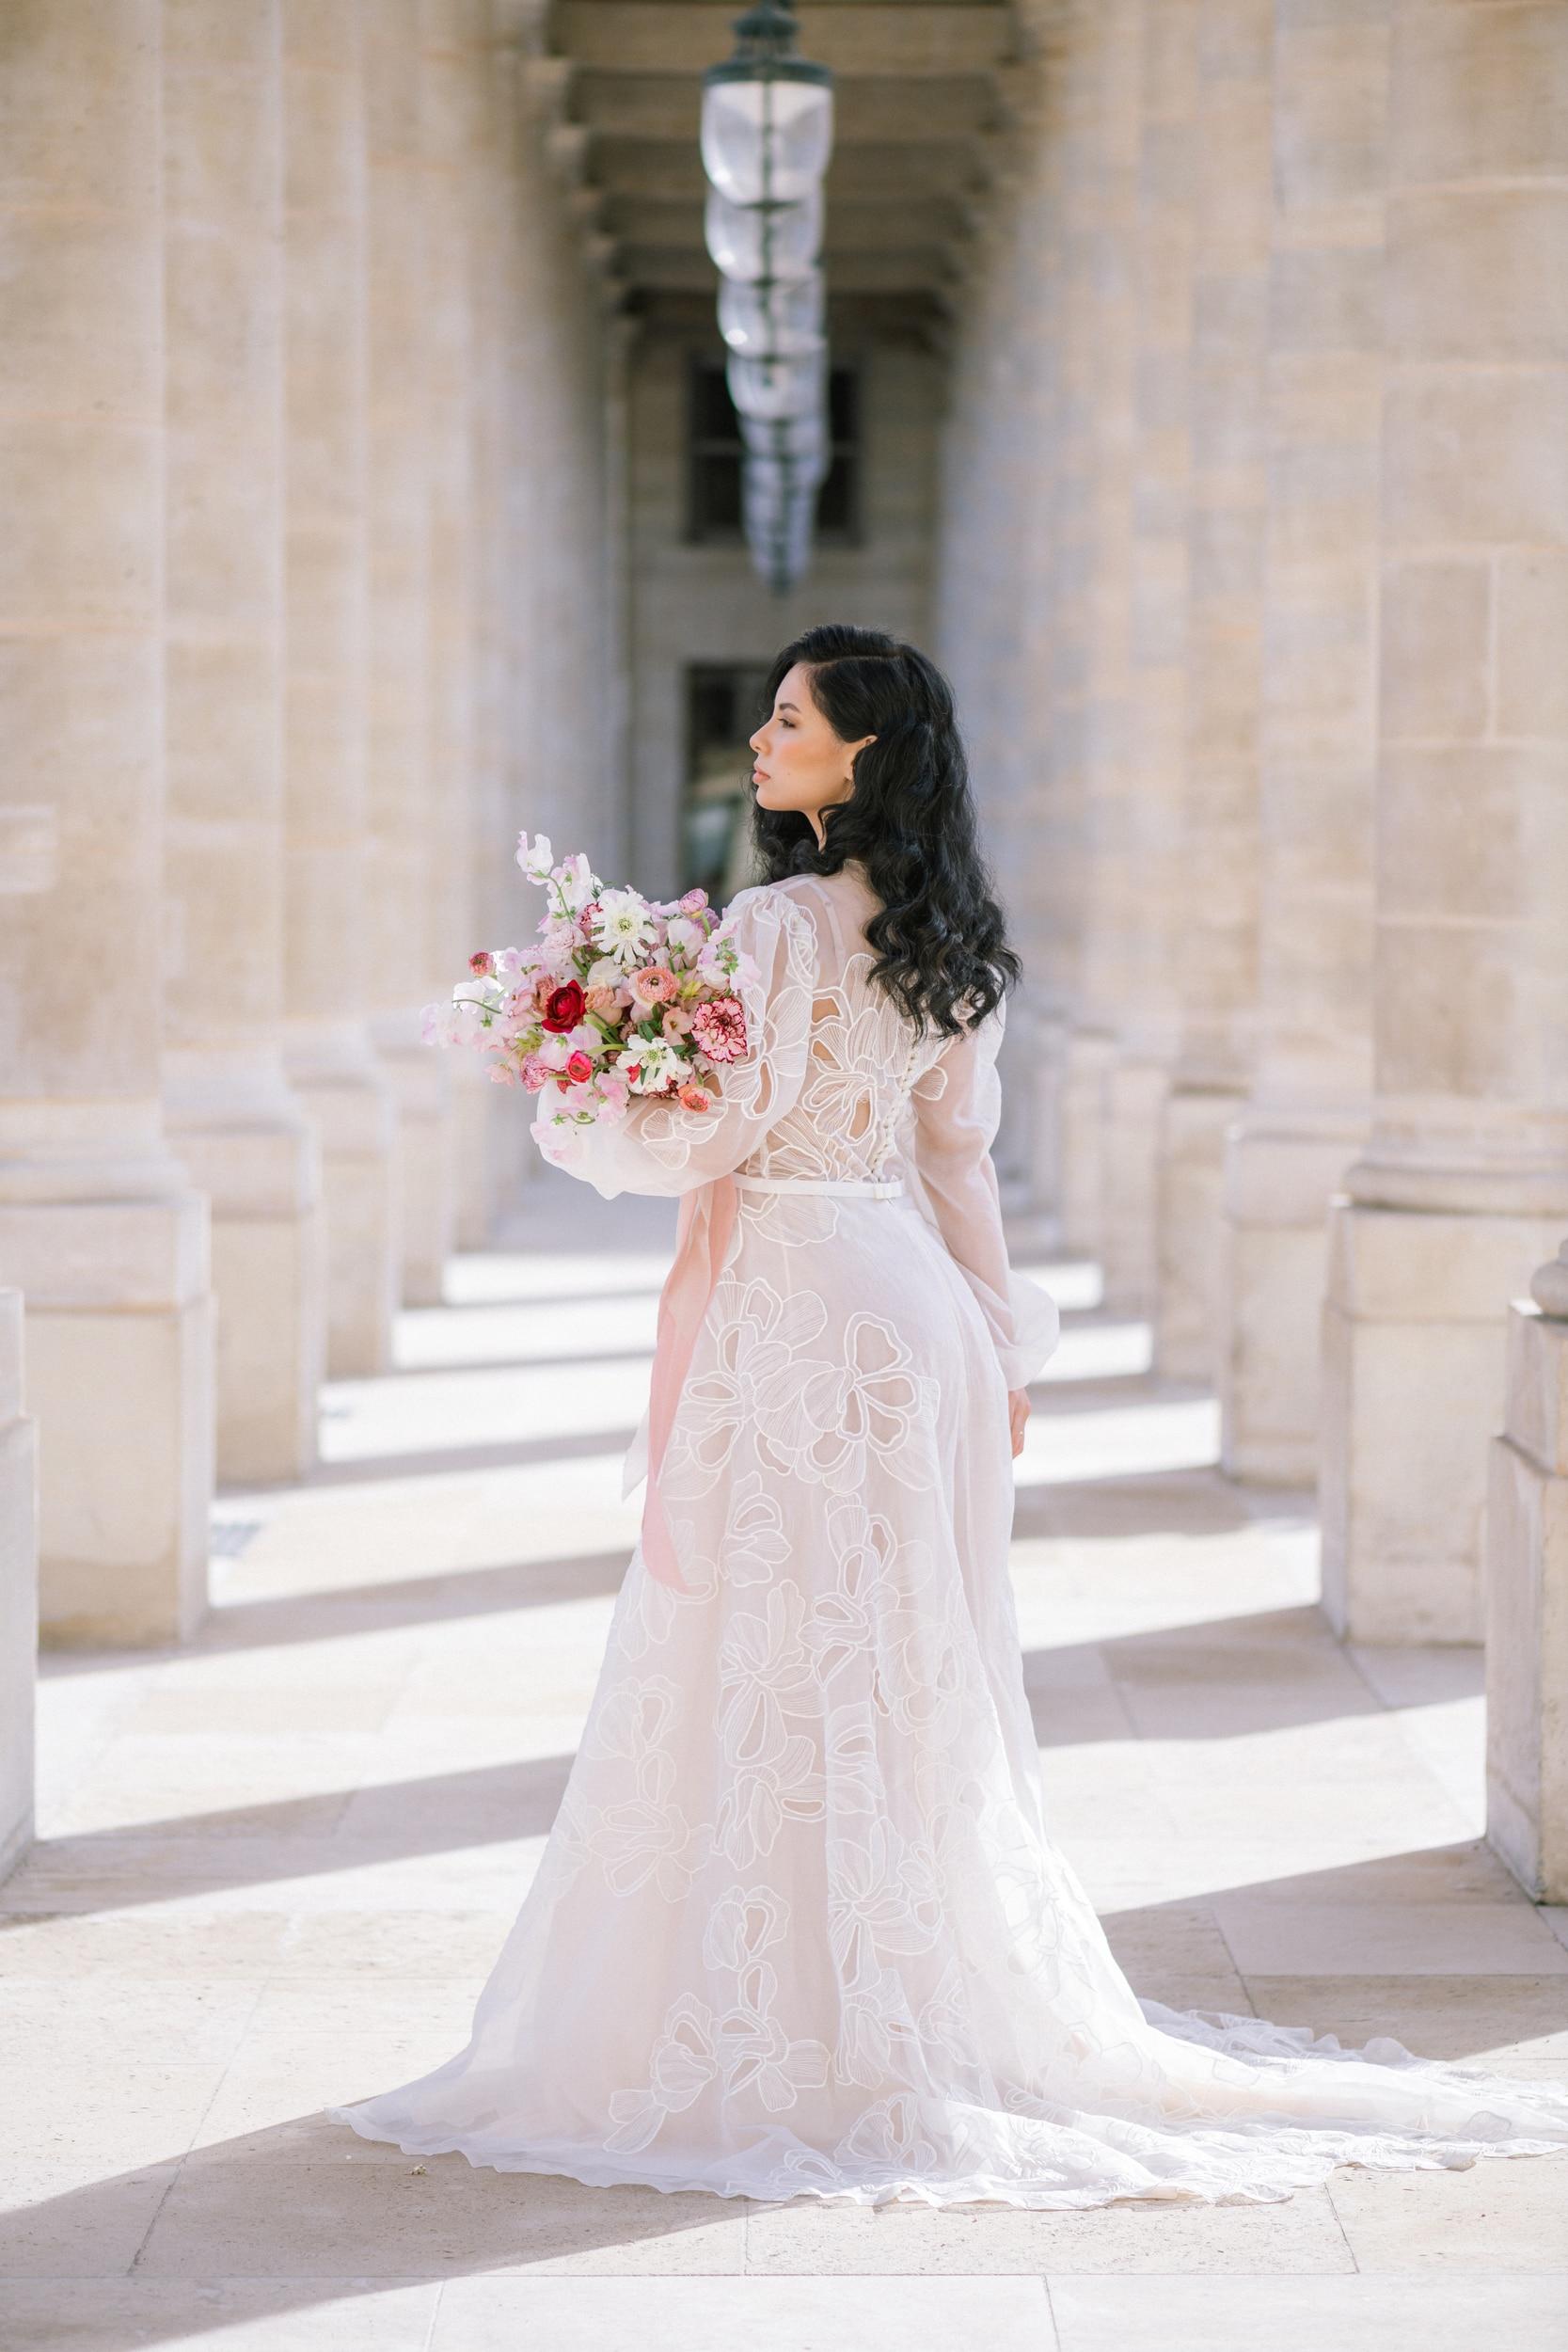 Anais-7916Photographe mariage paris louvre colonne de buren lina raziq